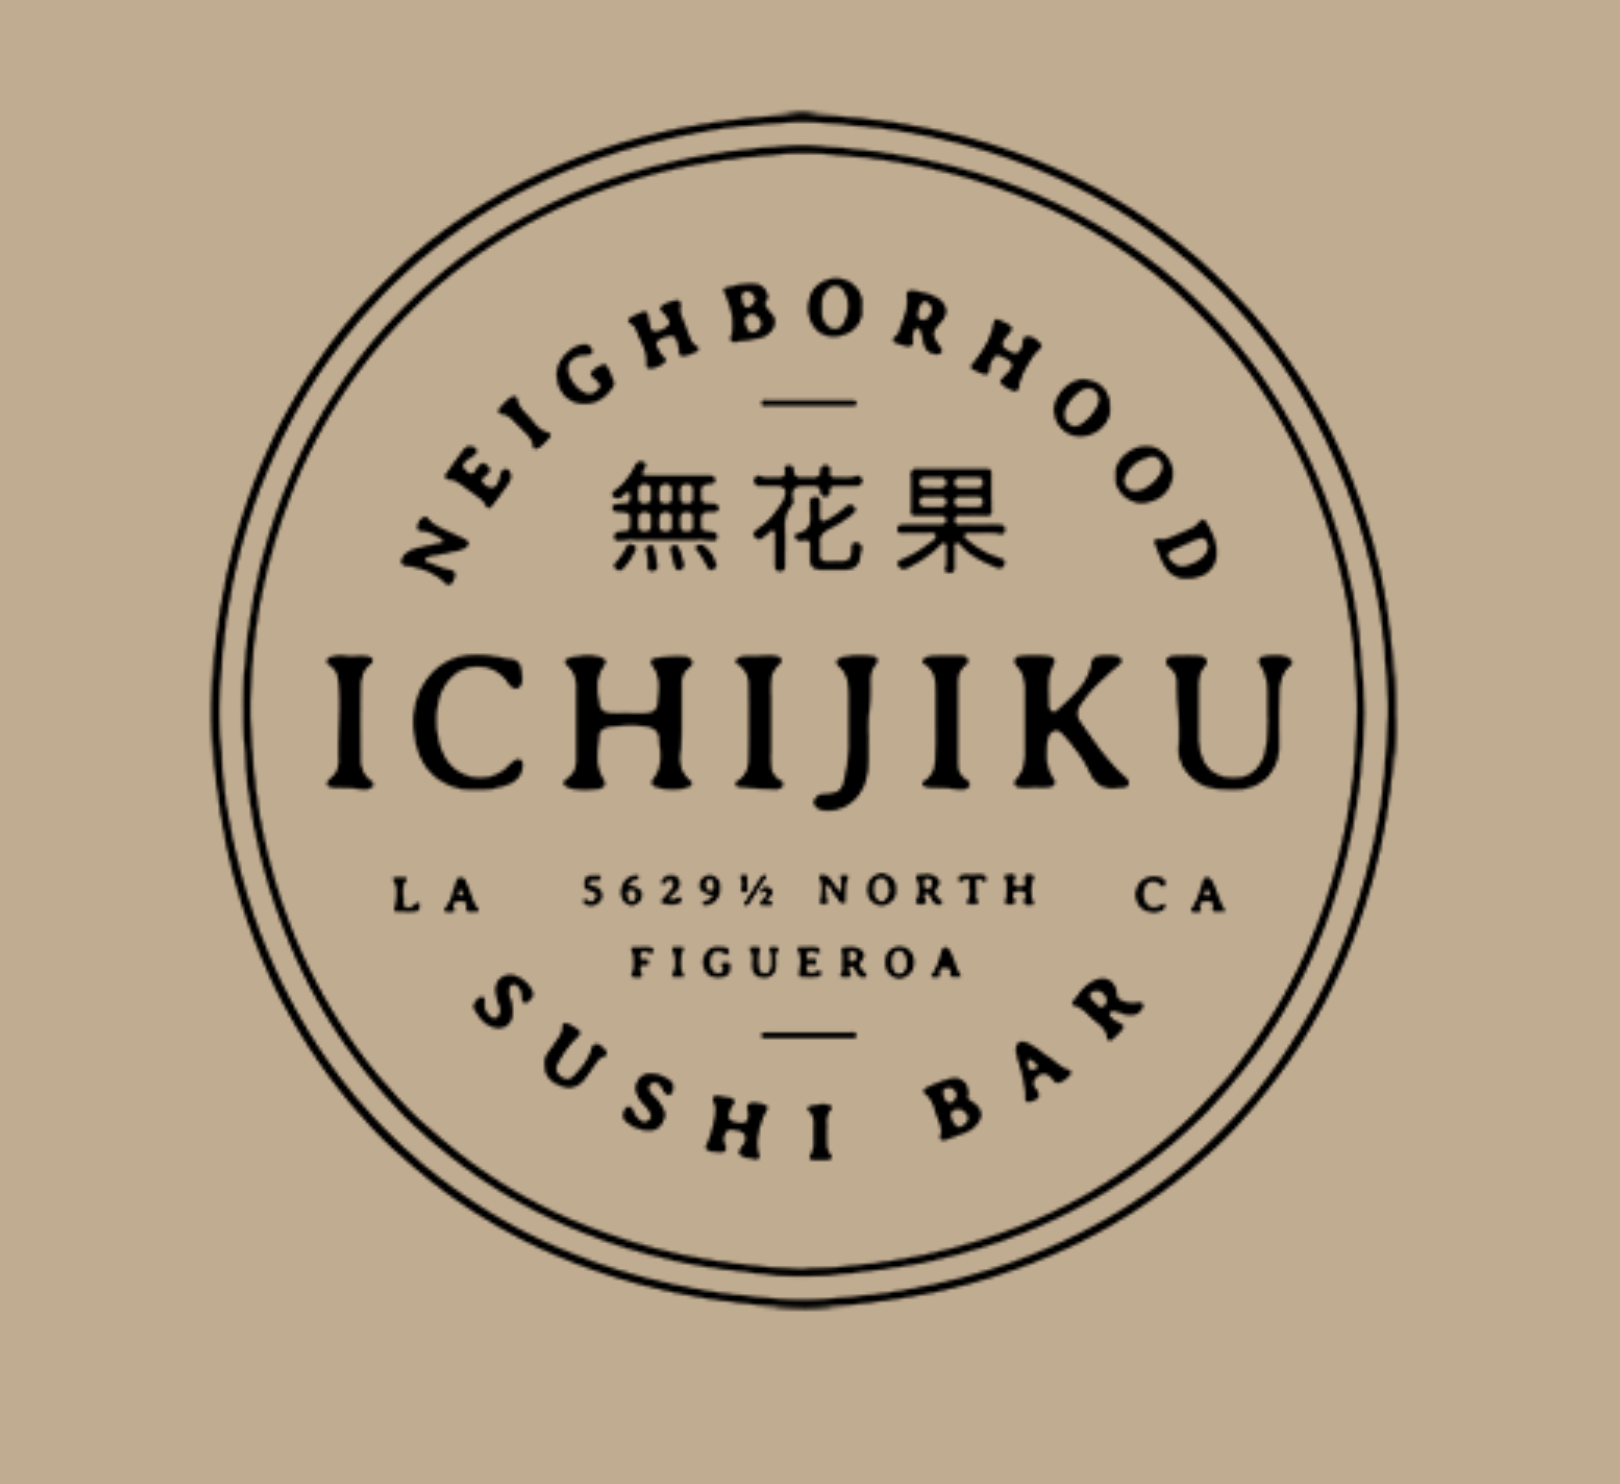 Ichijiku Sushi - Highland Park - Logo